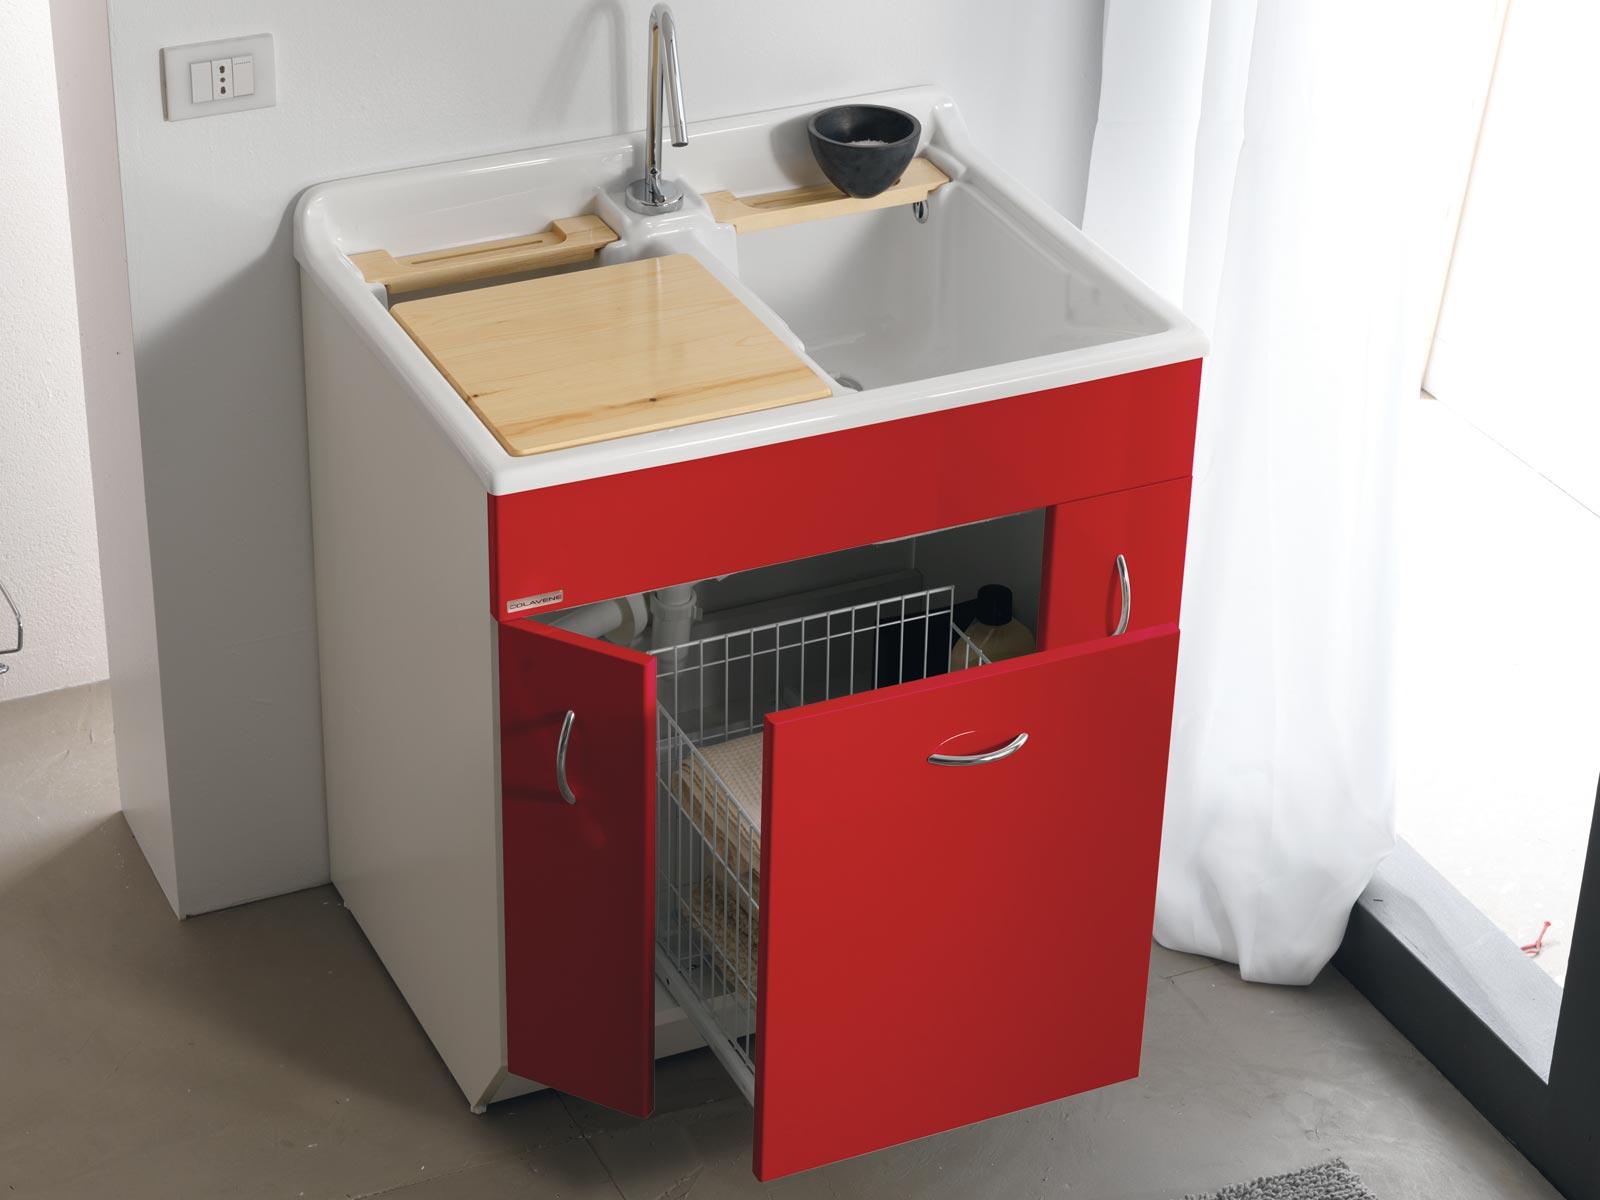 Lavabi twist ceramichemichelediprima - Colavene arredo bagno ...